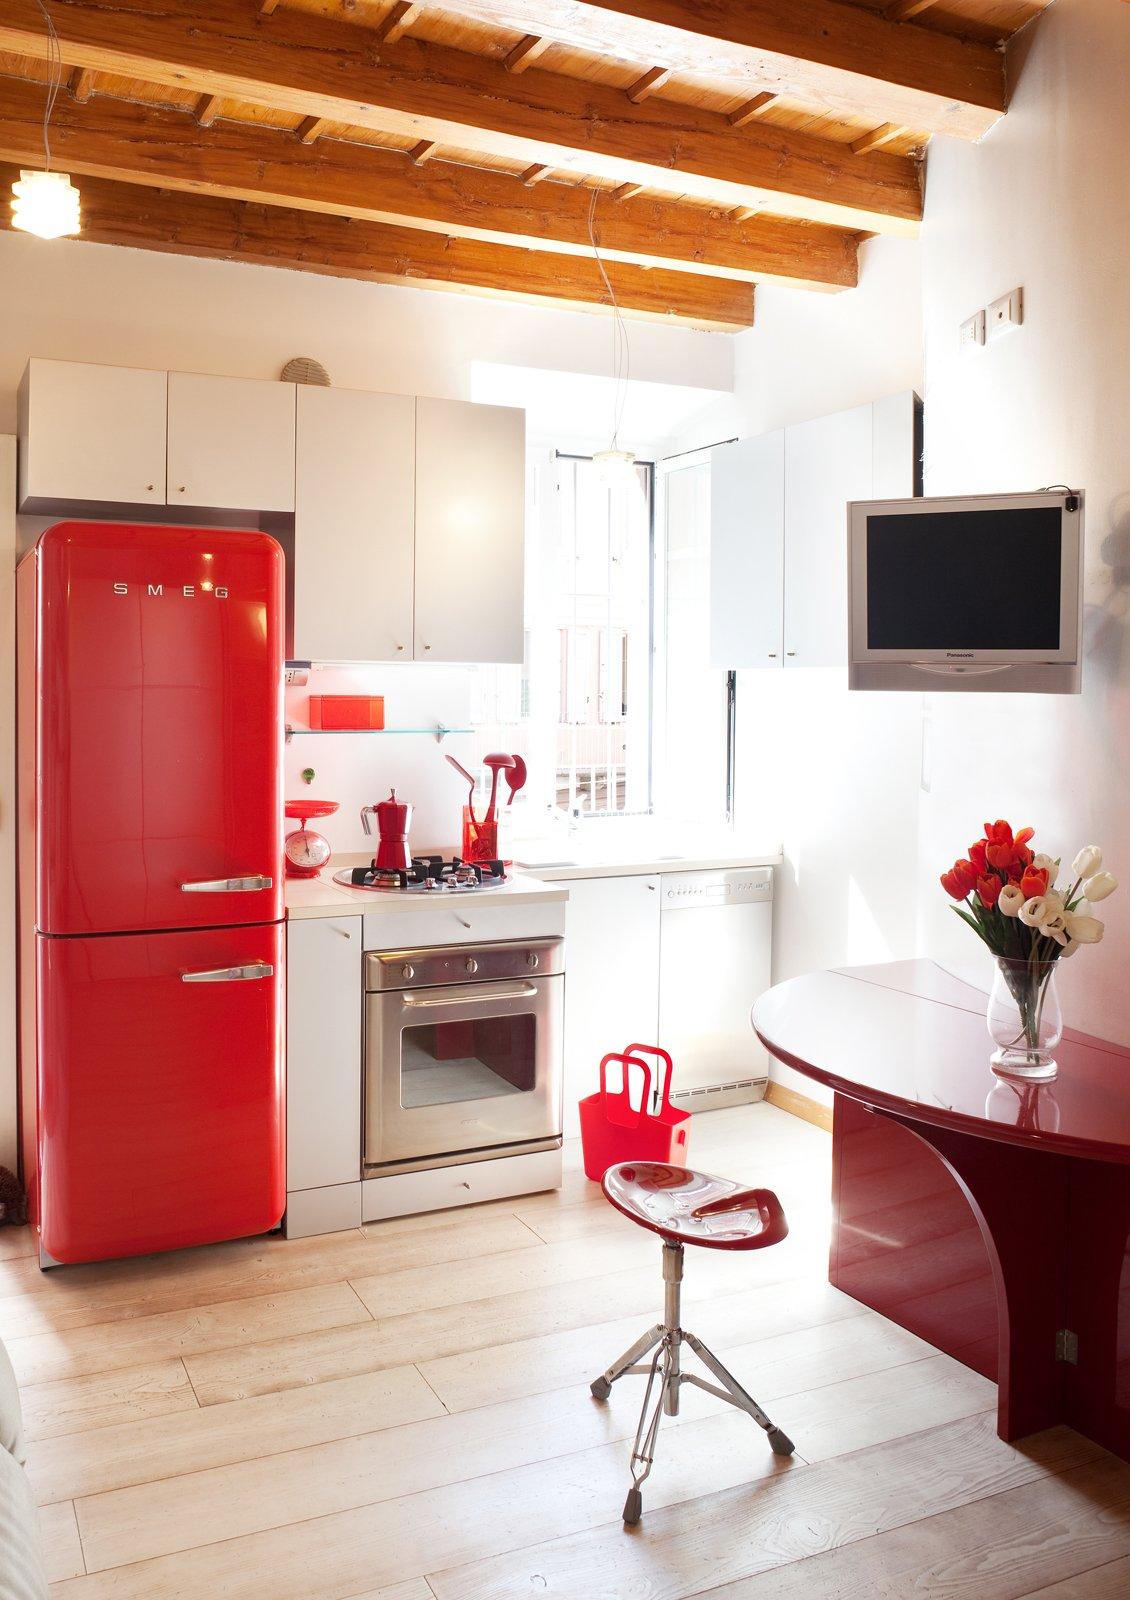 Monolocale di 25 mq con soluzioni salvaspazio cose di casa for Disegni di casa piano aperto